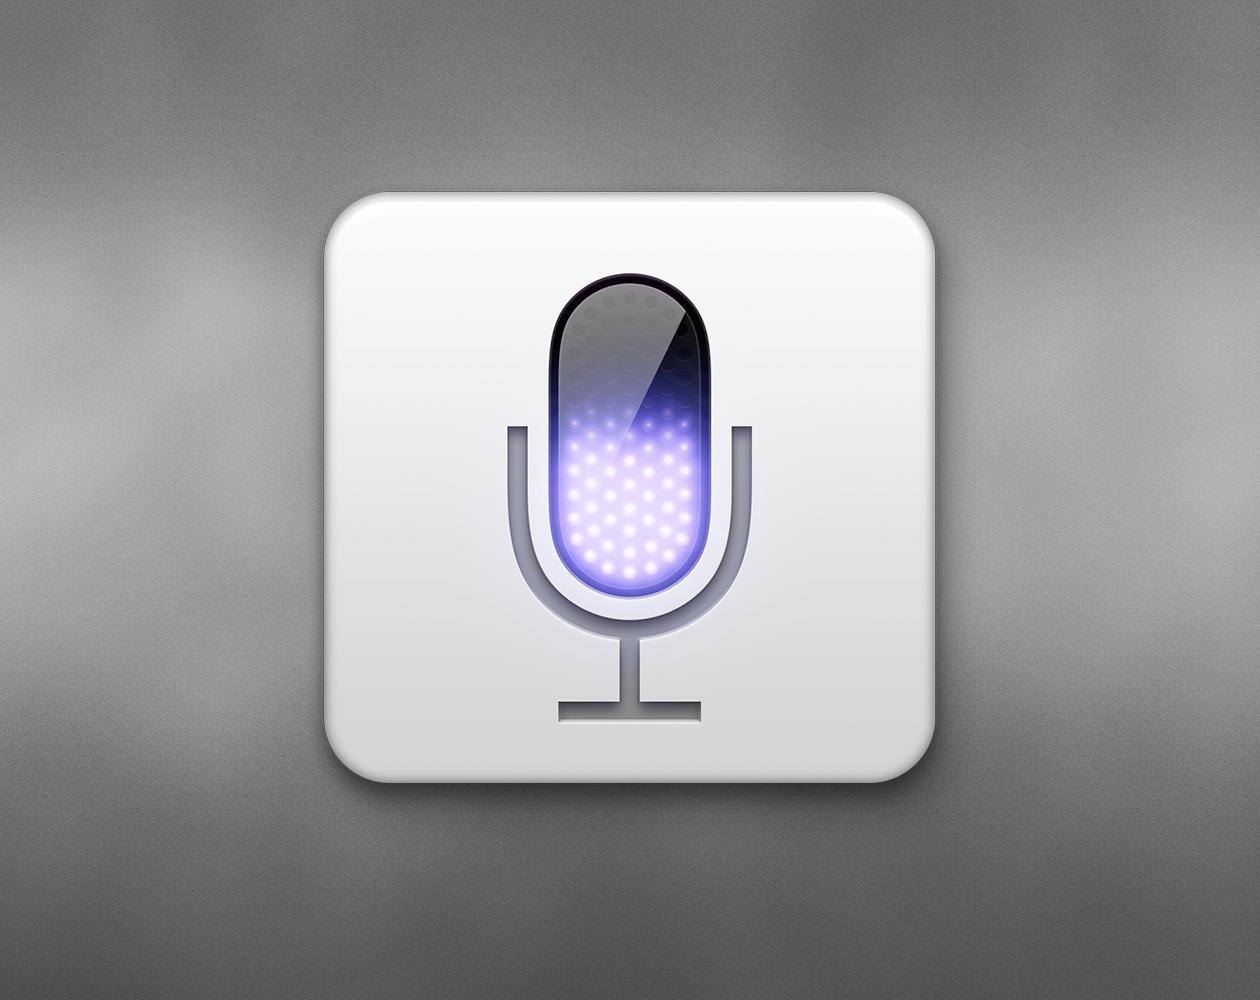 Как работает диктовка на русском в OS X Yosemite (+ видео)